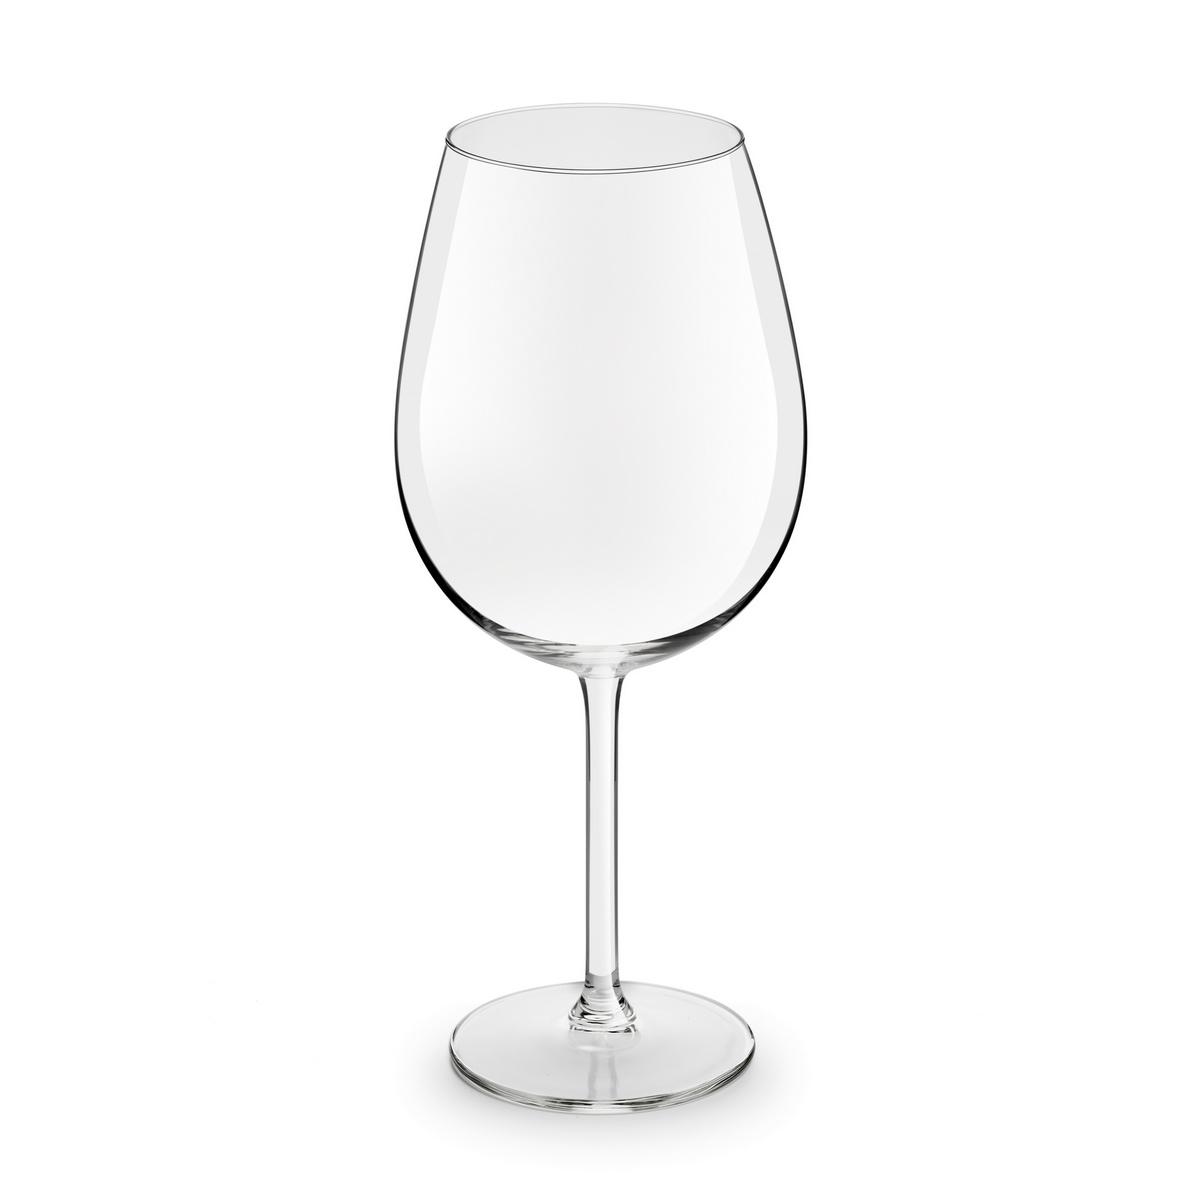 Royal Leerdam 2-dielna sada pohárov na víno PROPORTIONS, 730 ml